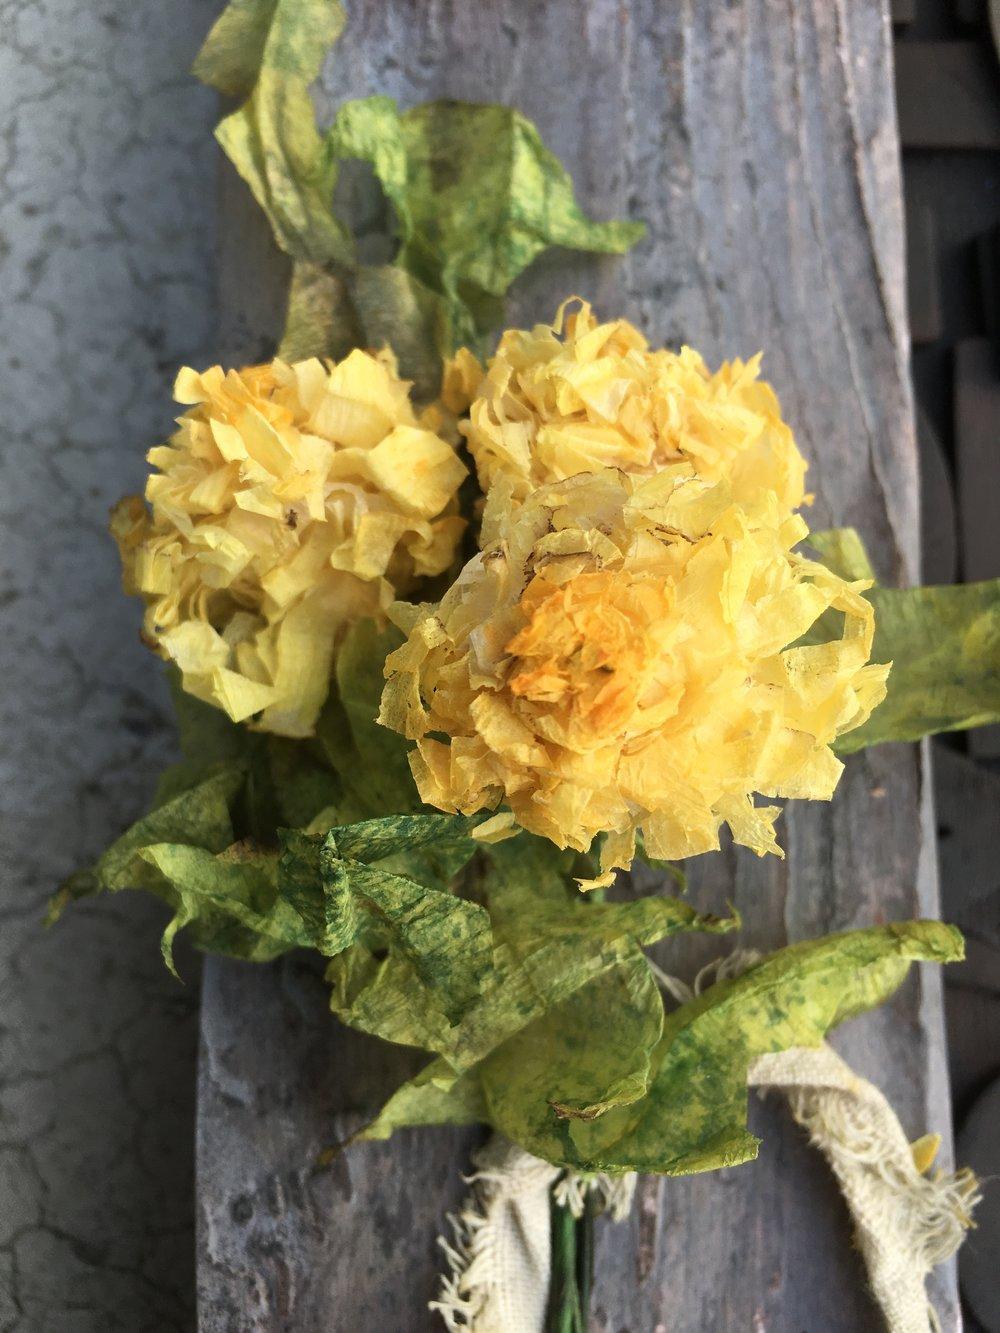 d bouquet.jpg